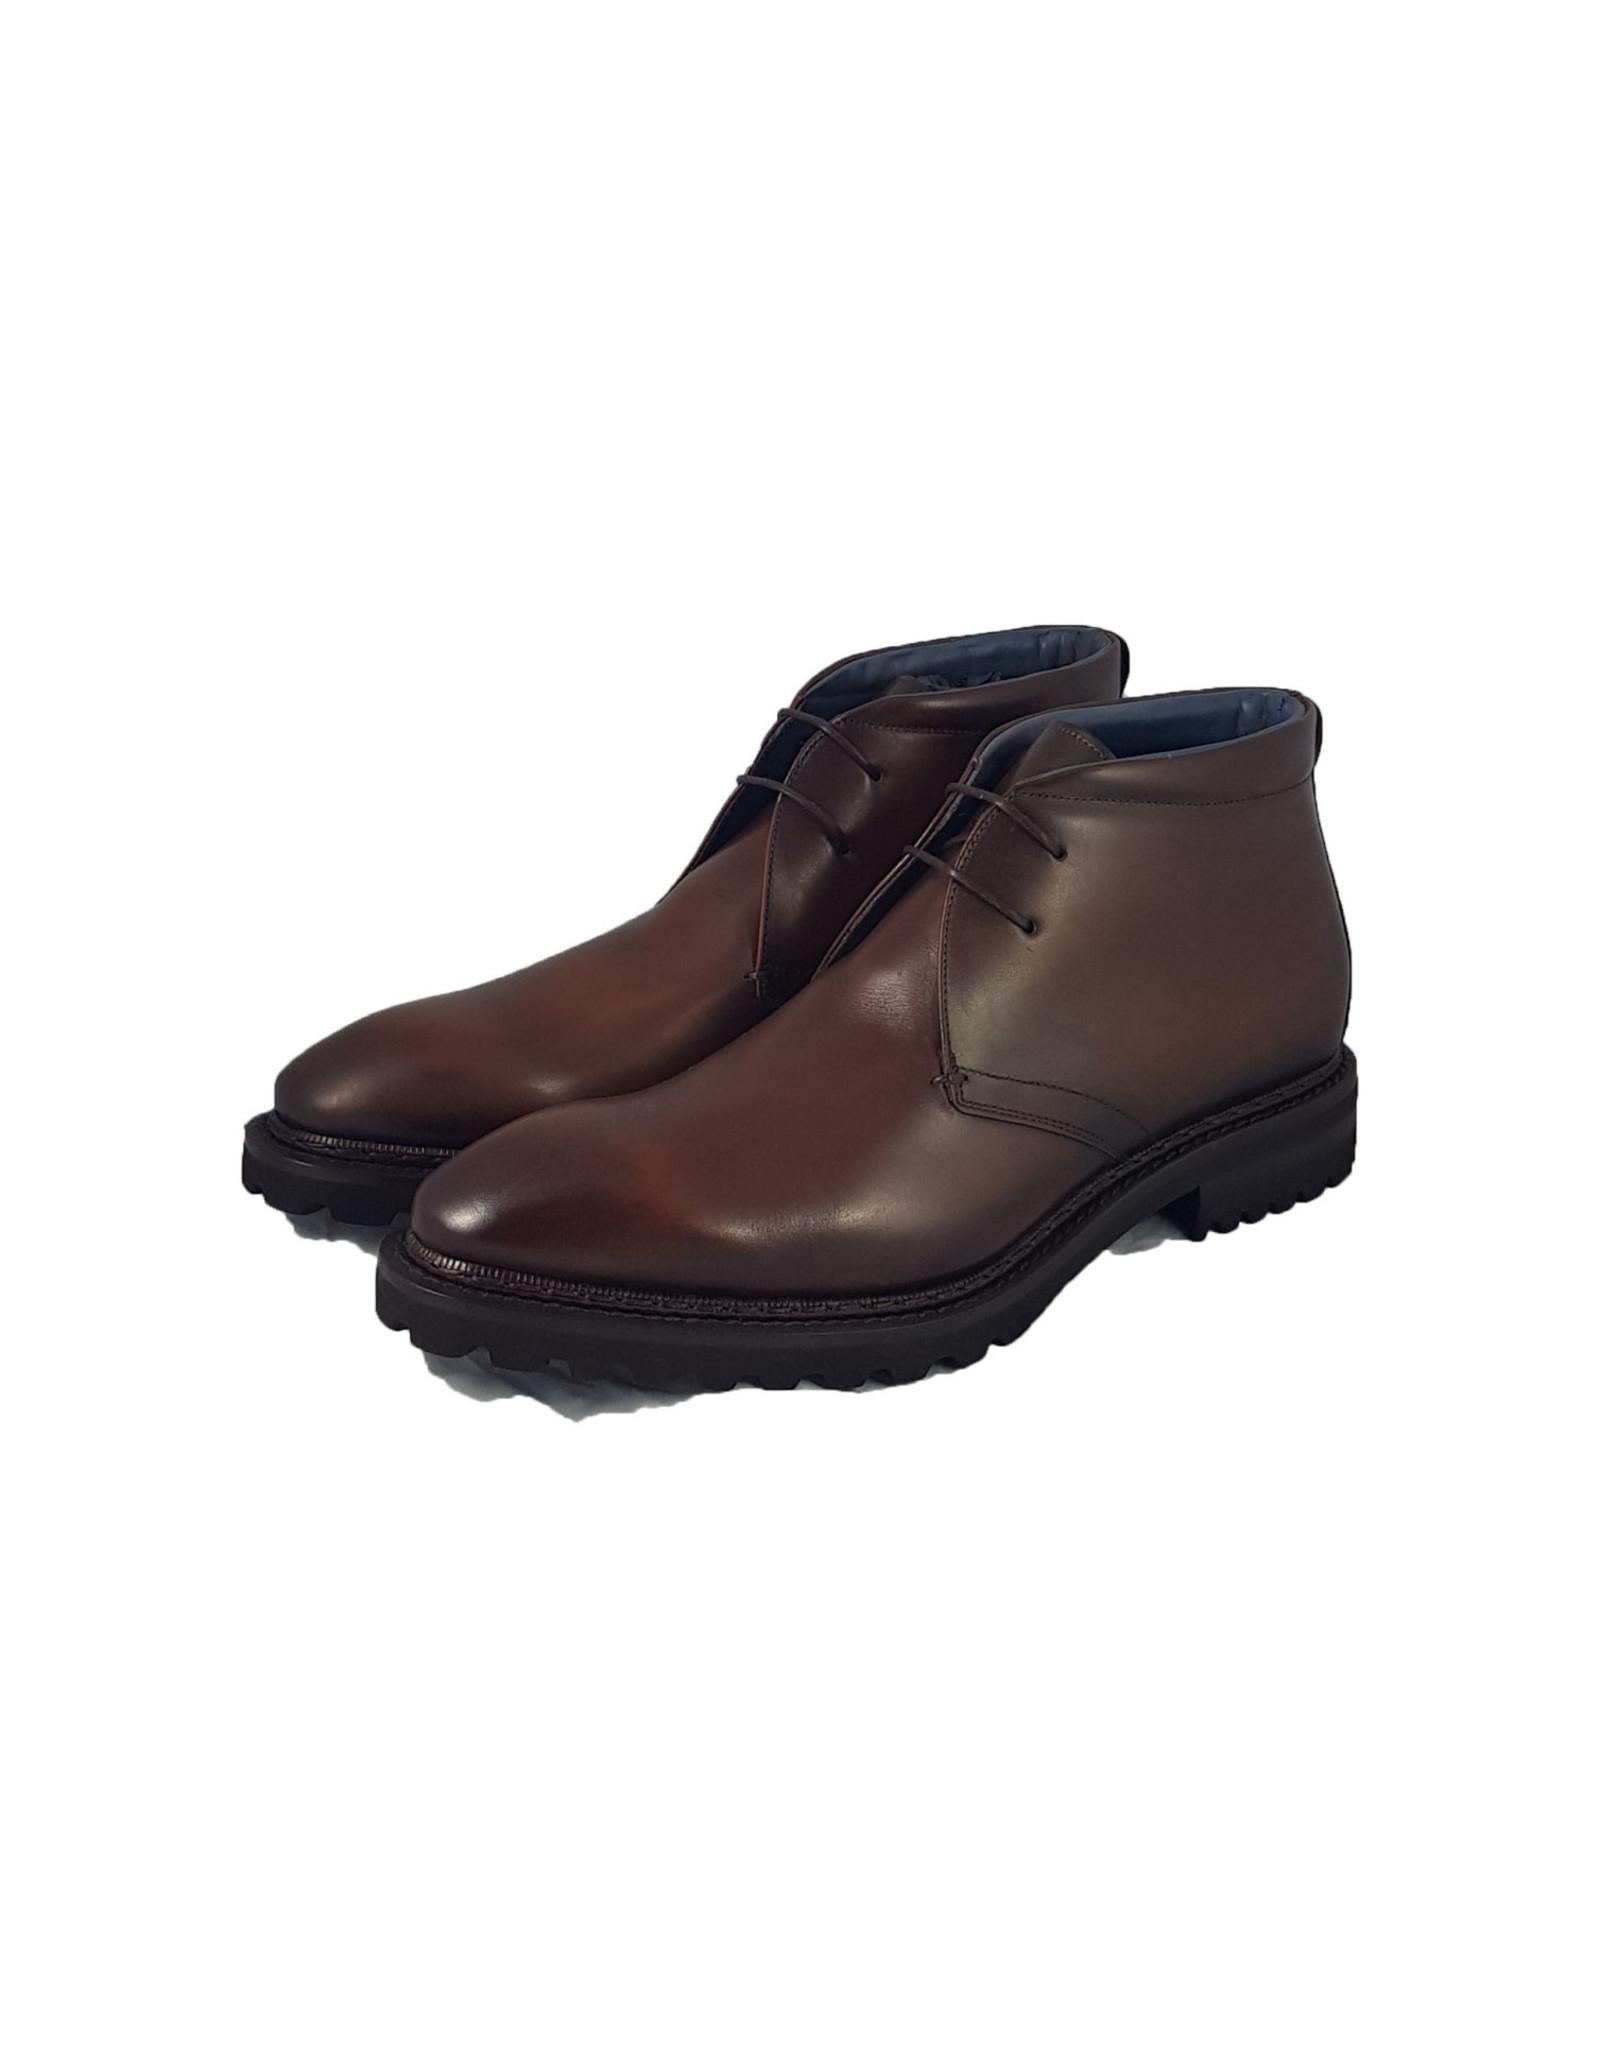 Zampiere Zampiere schoenen bruin Delave Marrone M:5197